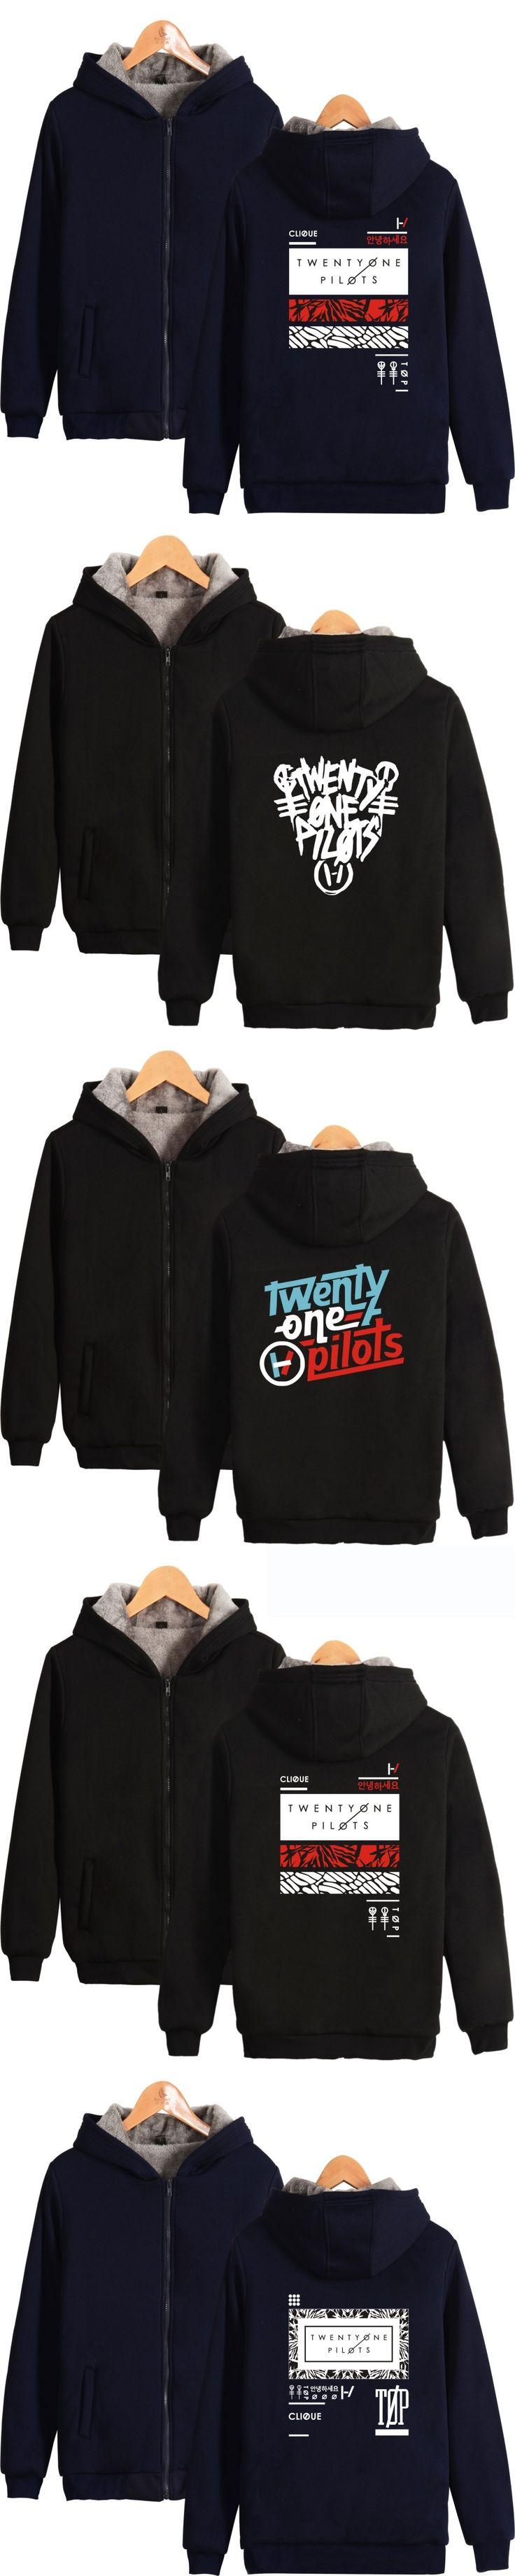 21 Pilots Twenty One Pilots Hoodies Zipper With Cap Men/Women Thick Warm 21Pilots Clothing Winter Sweatshirt Zip-Up Plus Size